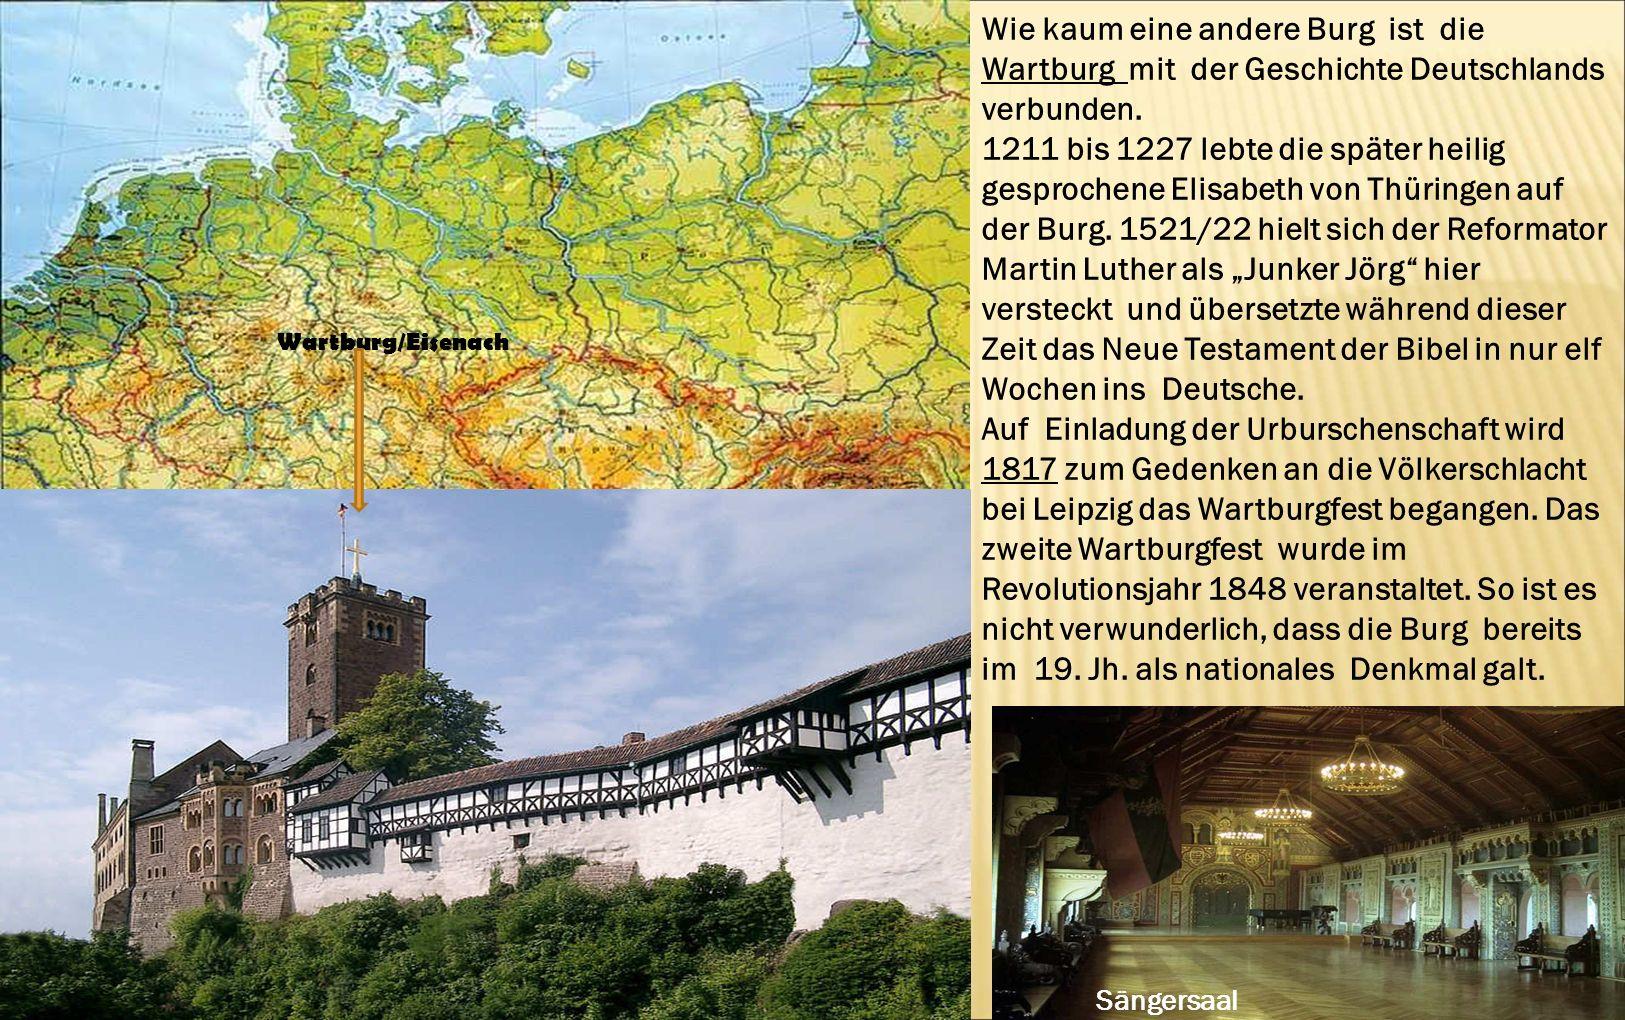 Wie kaum eine andere Burg ist die Wartburg mit der Geschichte Deutschlands verbunden. 1211 bis 1227 lebte die später heilig gesprochene Elisabeth von